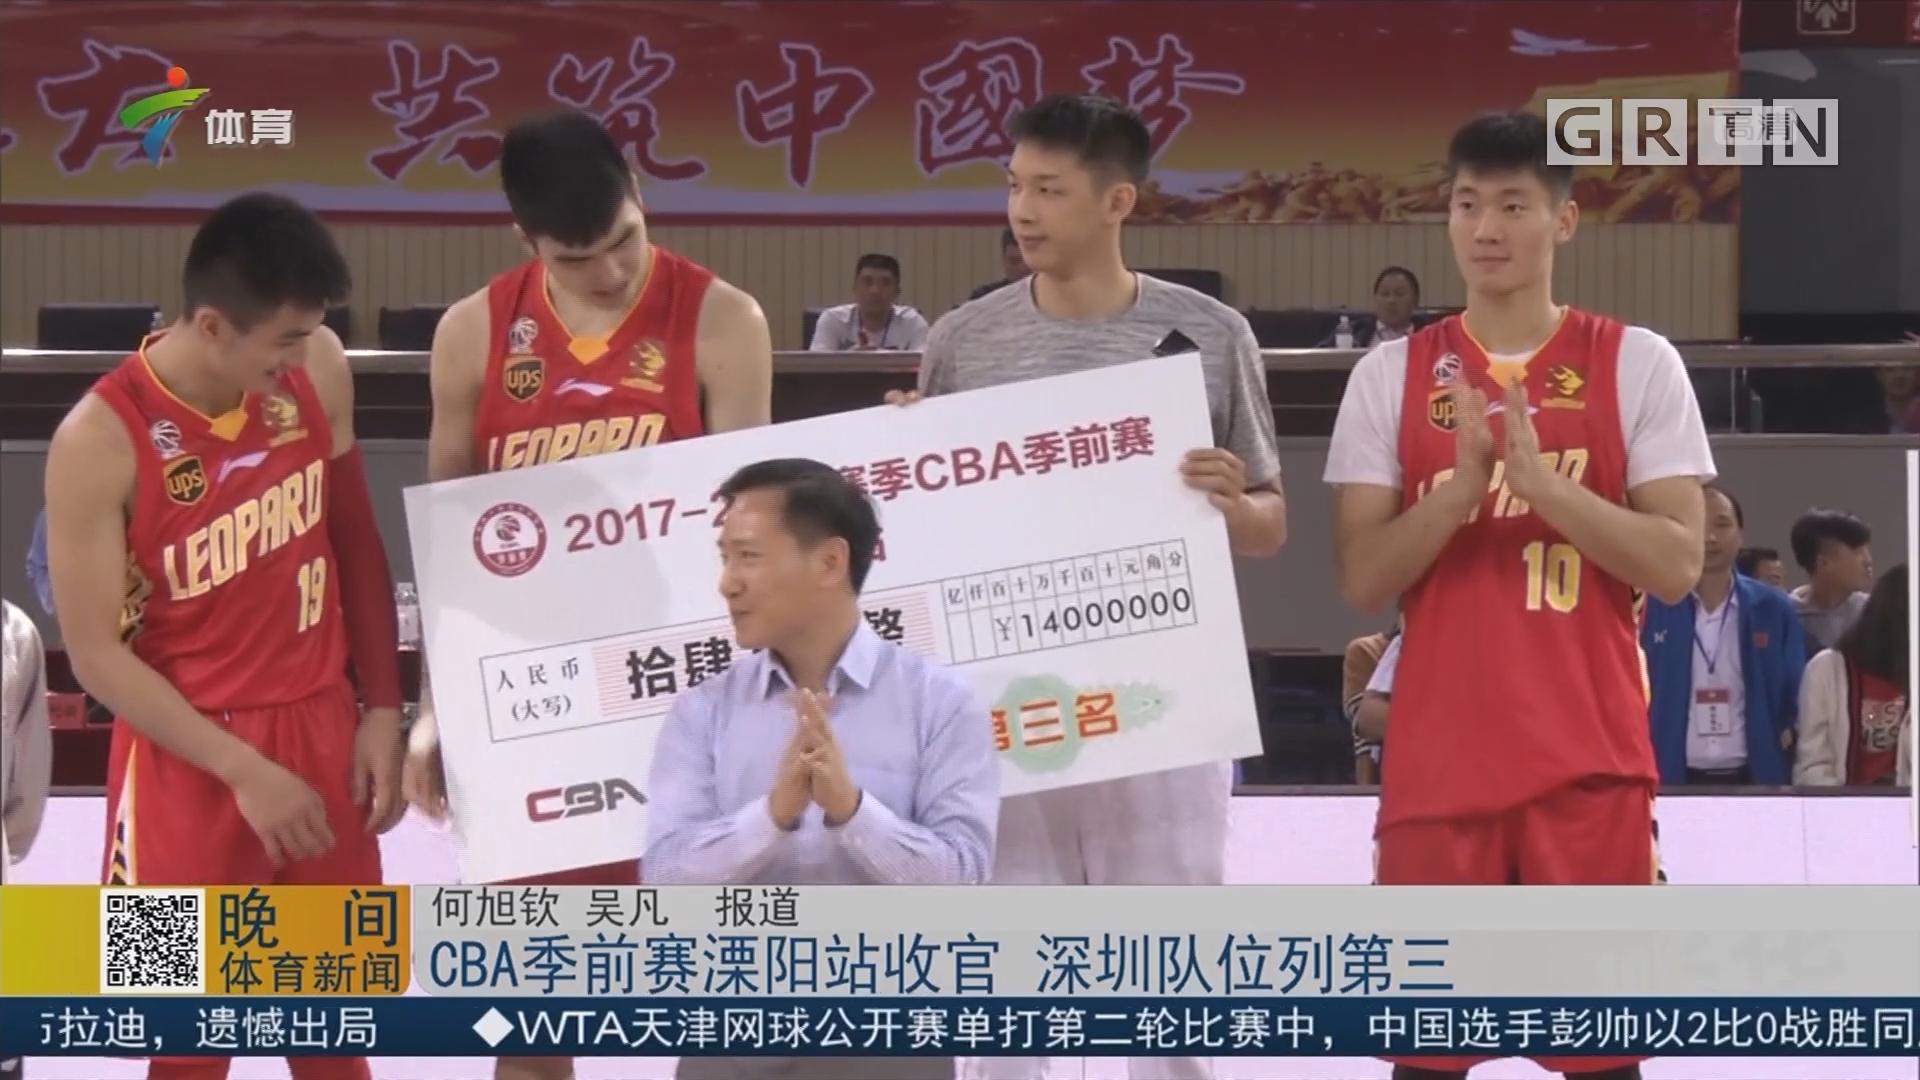 CBA季前赛溧阳站收官 深圳队位列第三